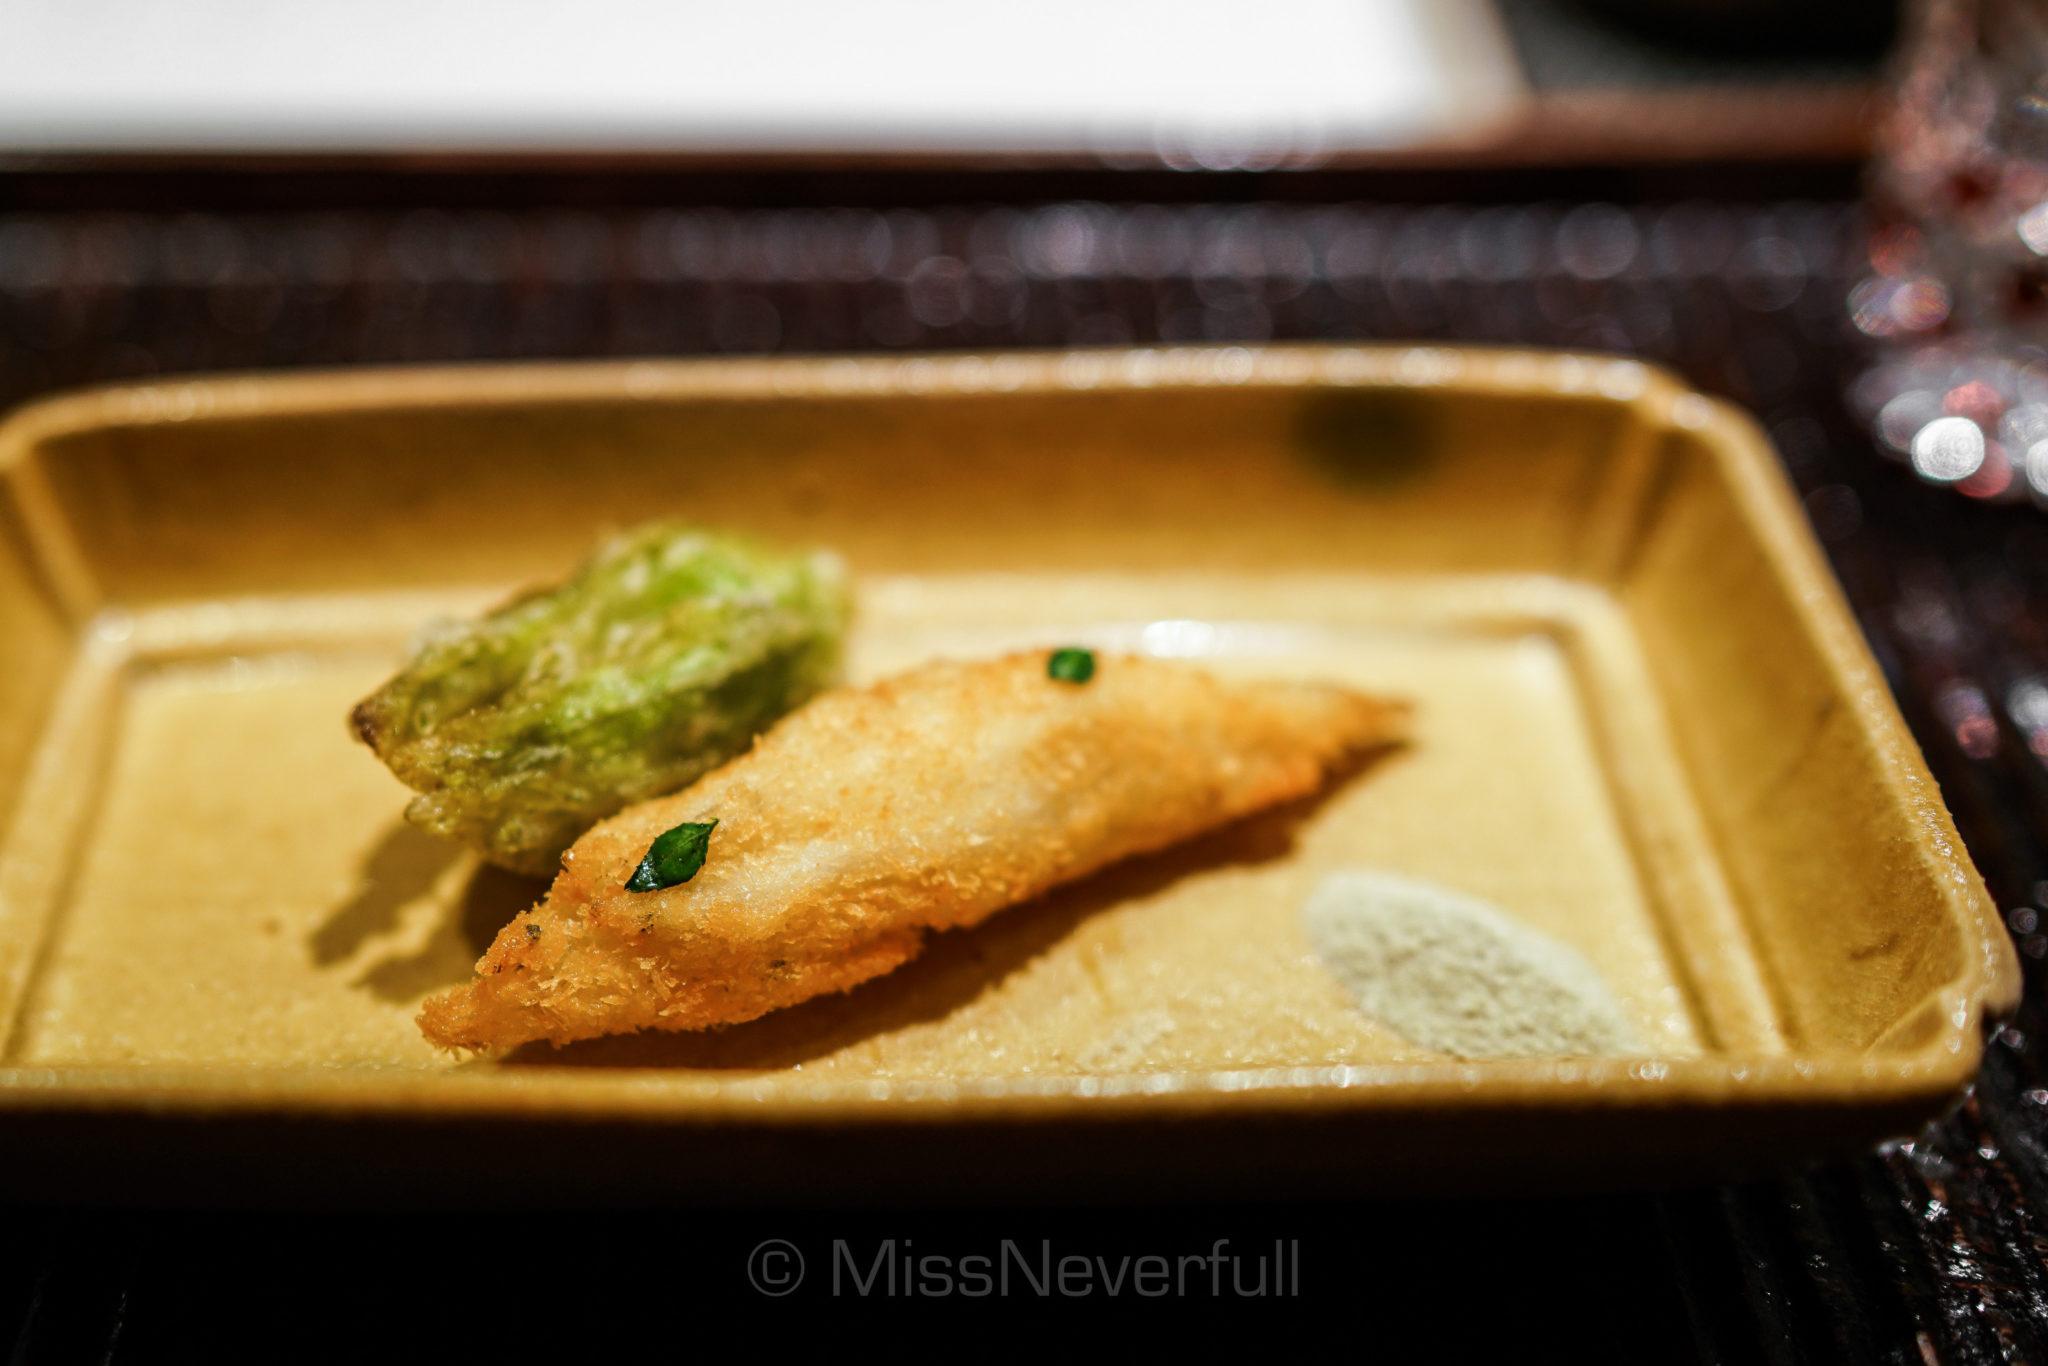 2. 揚物: 白魚俵揚げ 蕗の薹   Deep-fried White fish and giant butterbur